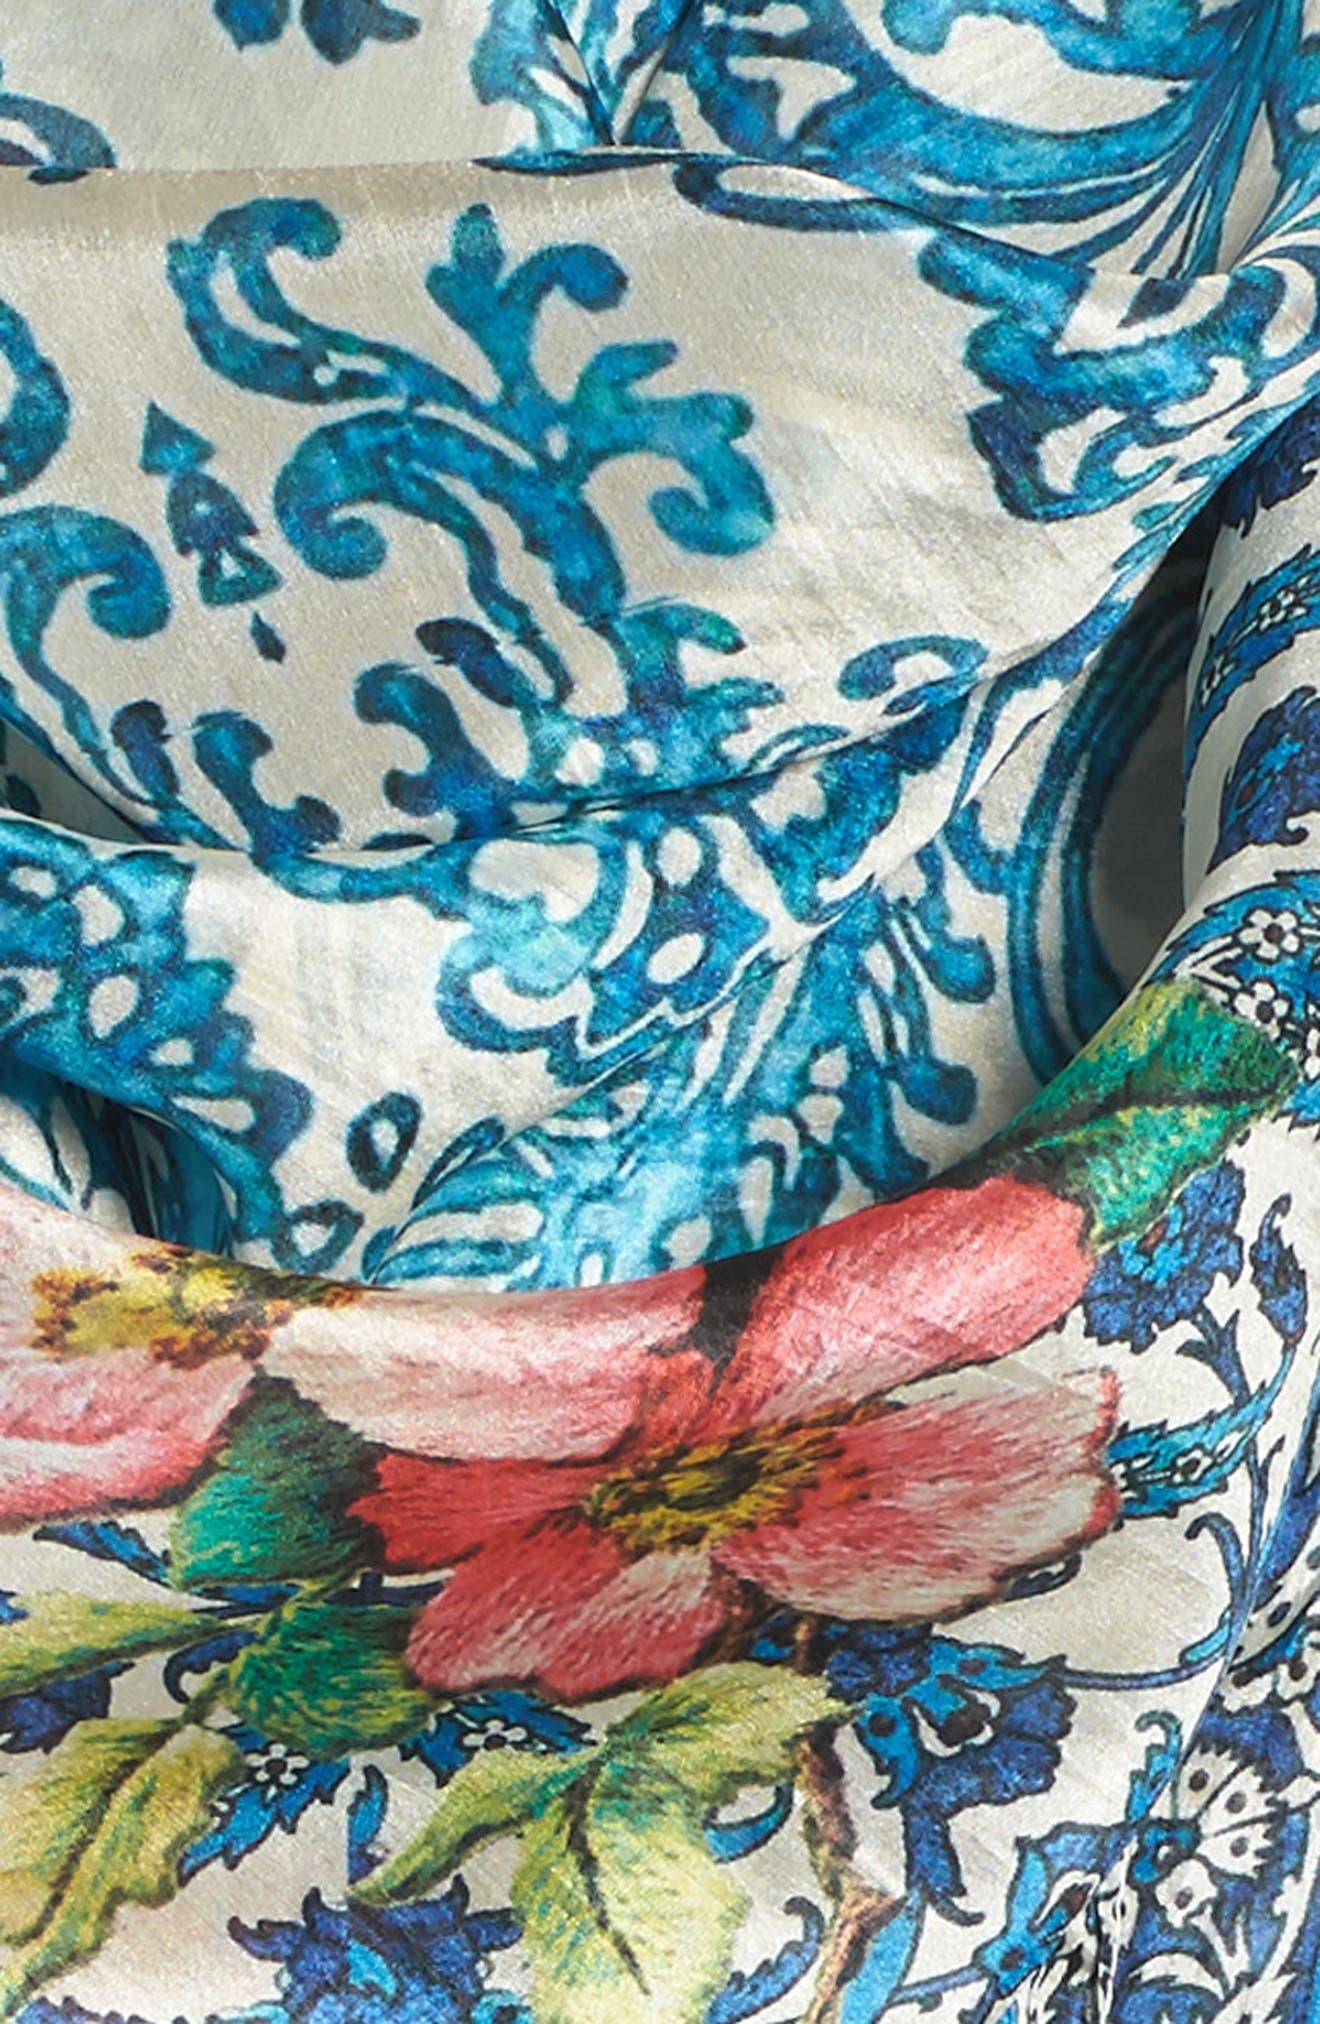 Horizon Print Square Silk Scarf,                             Alternate thumbnail 3, color,                             Multi